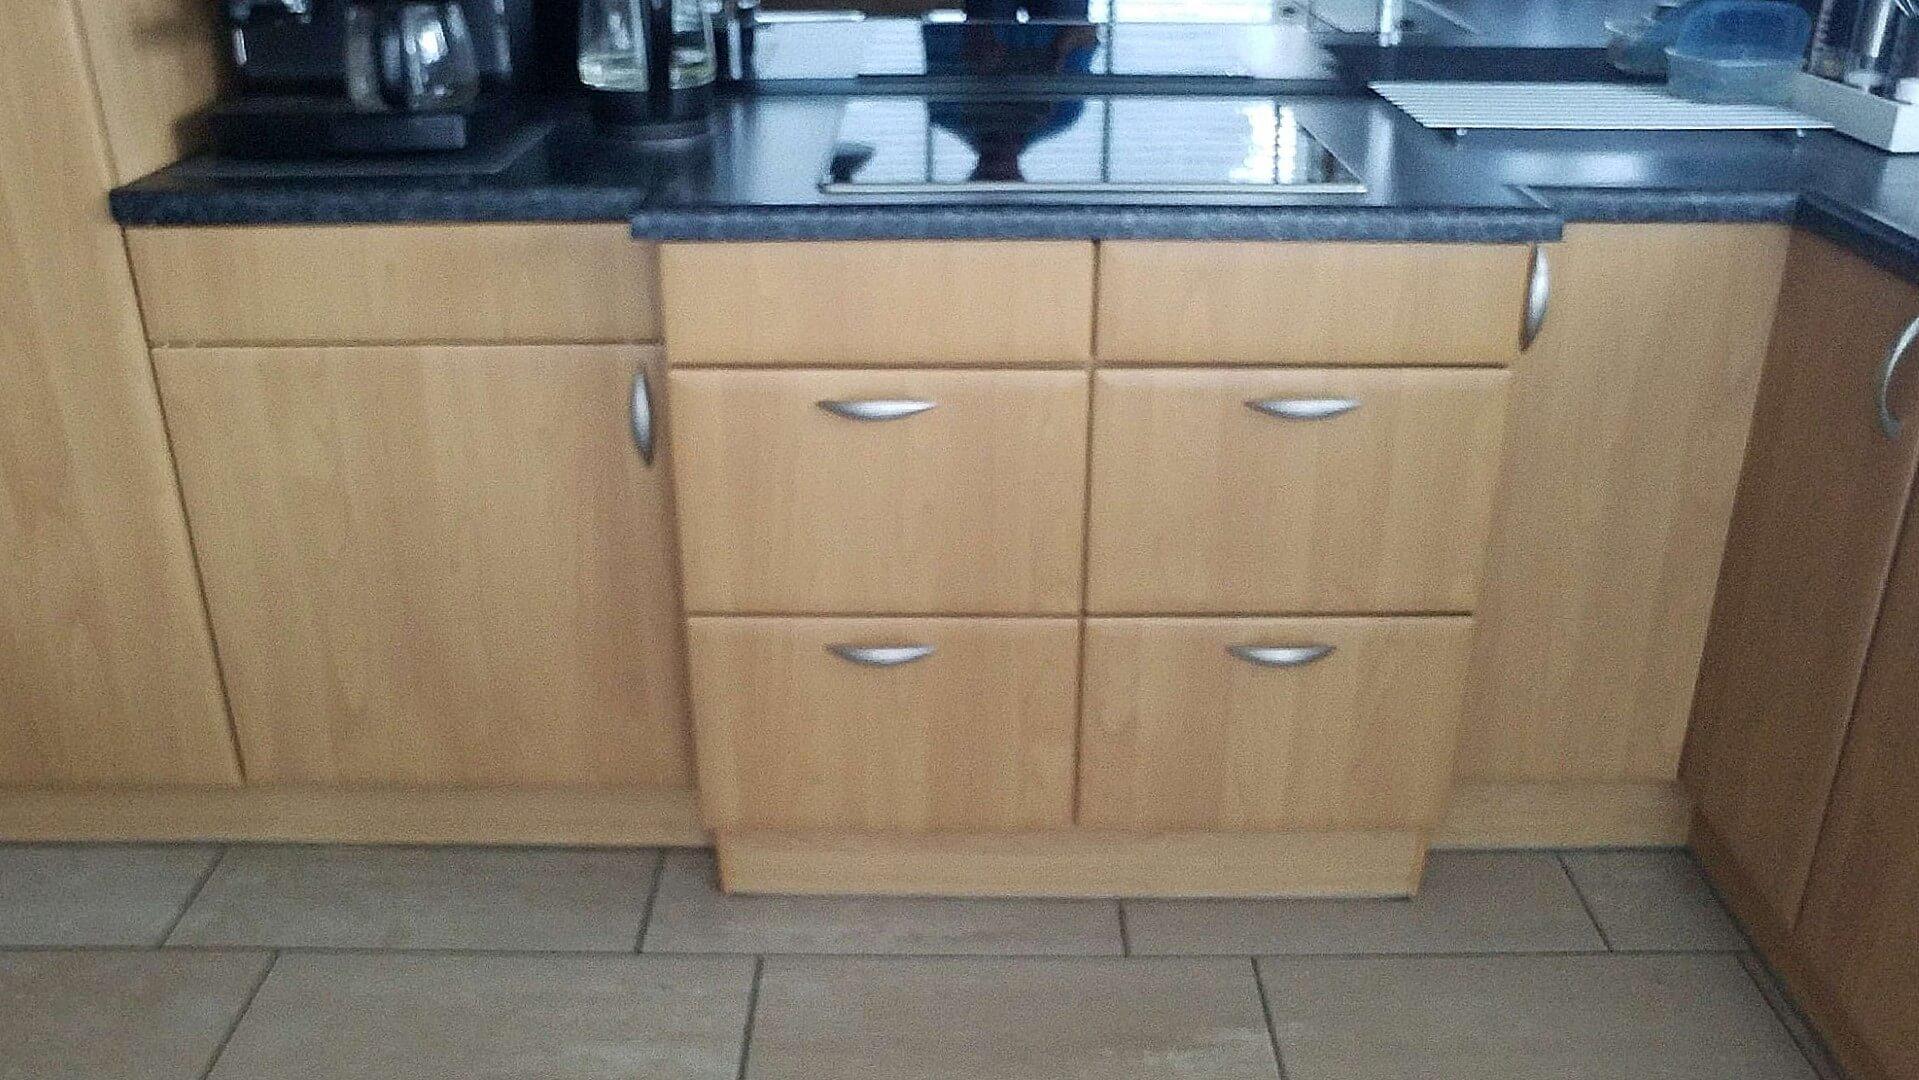 Keuken wrap betonlook (4)